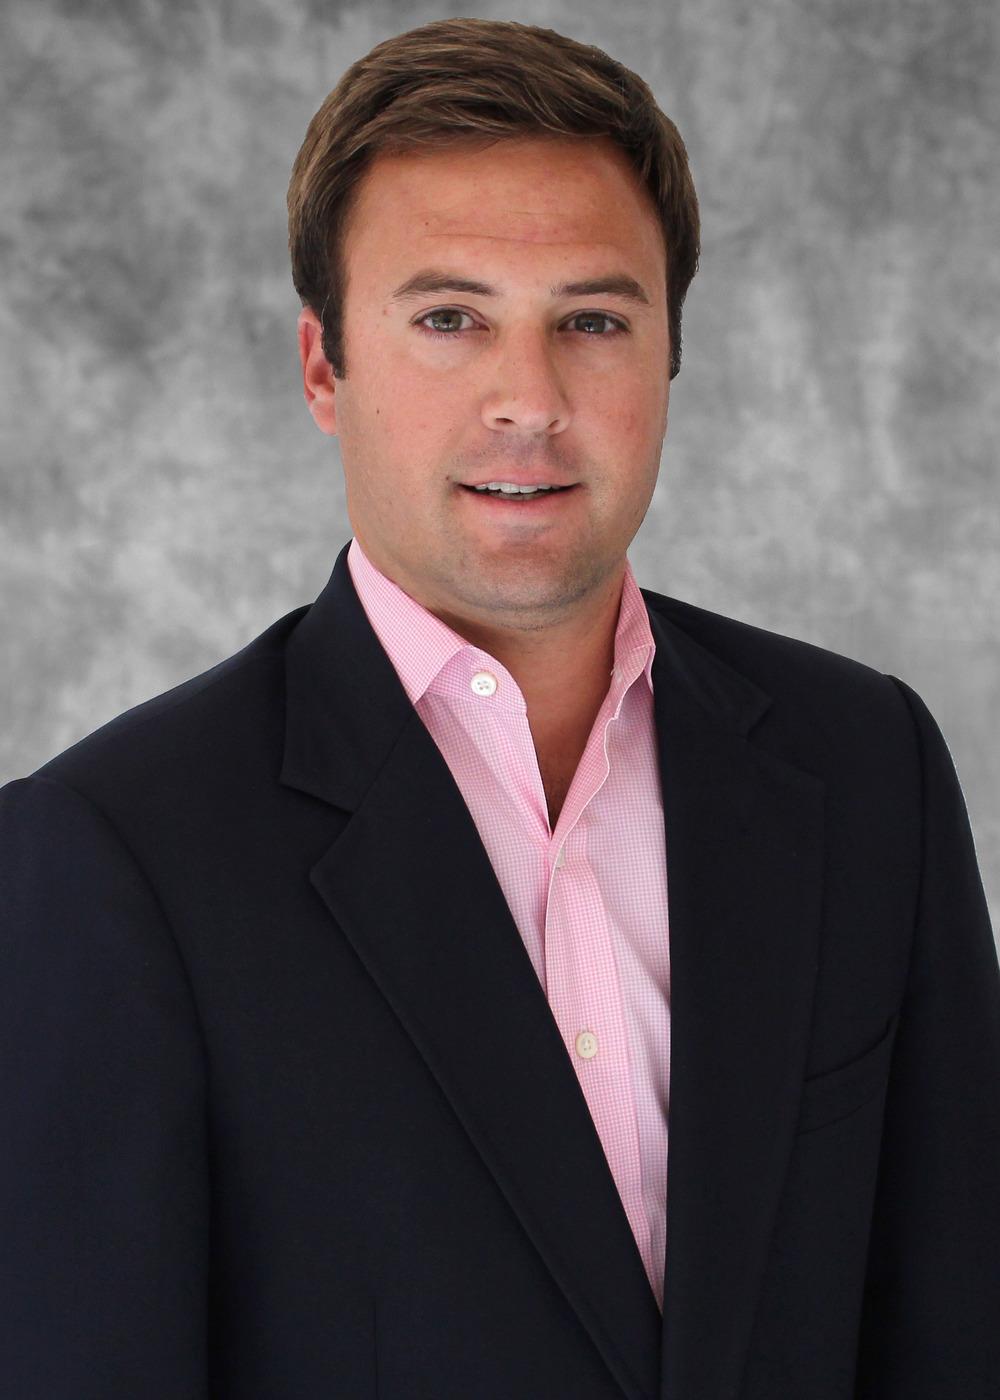 Nick Maschari